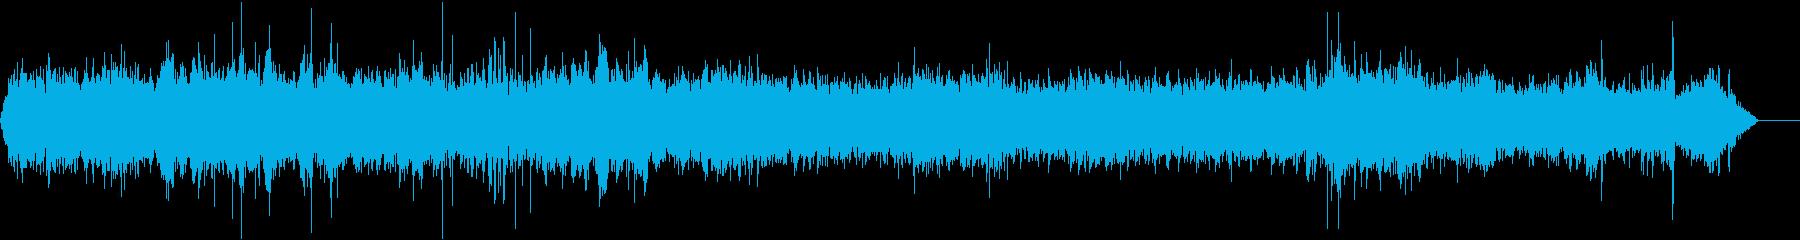 レイクパーク-池-水の声の再生済みの波形